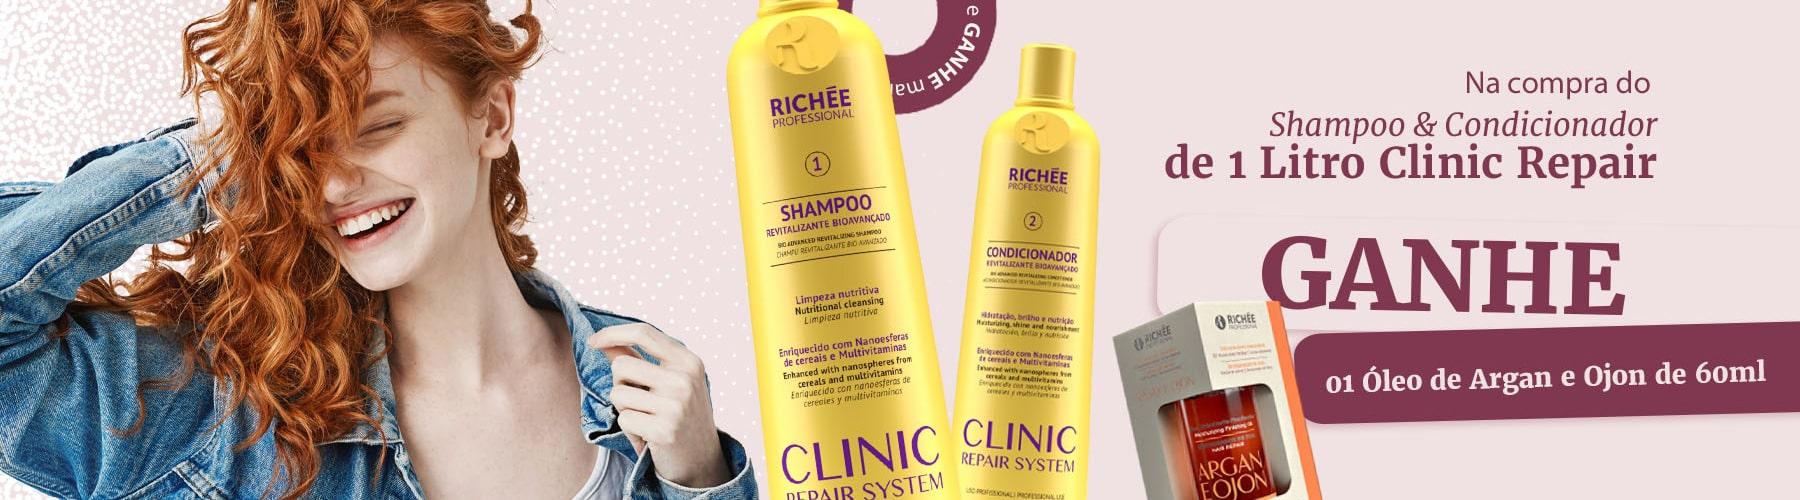 Clinic Repair System Kit Shampoo e Condicionador Profissional